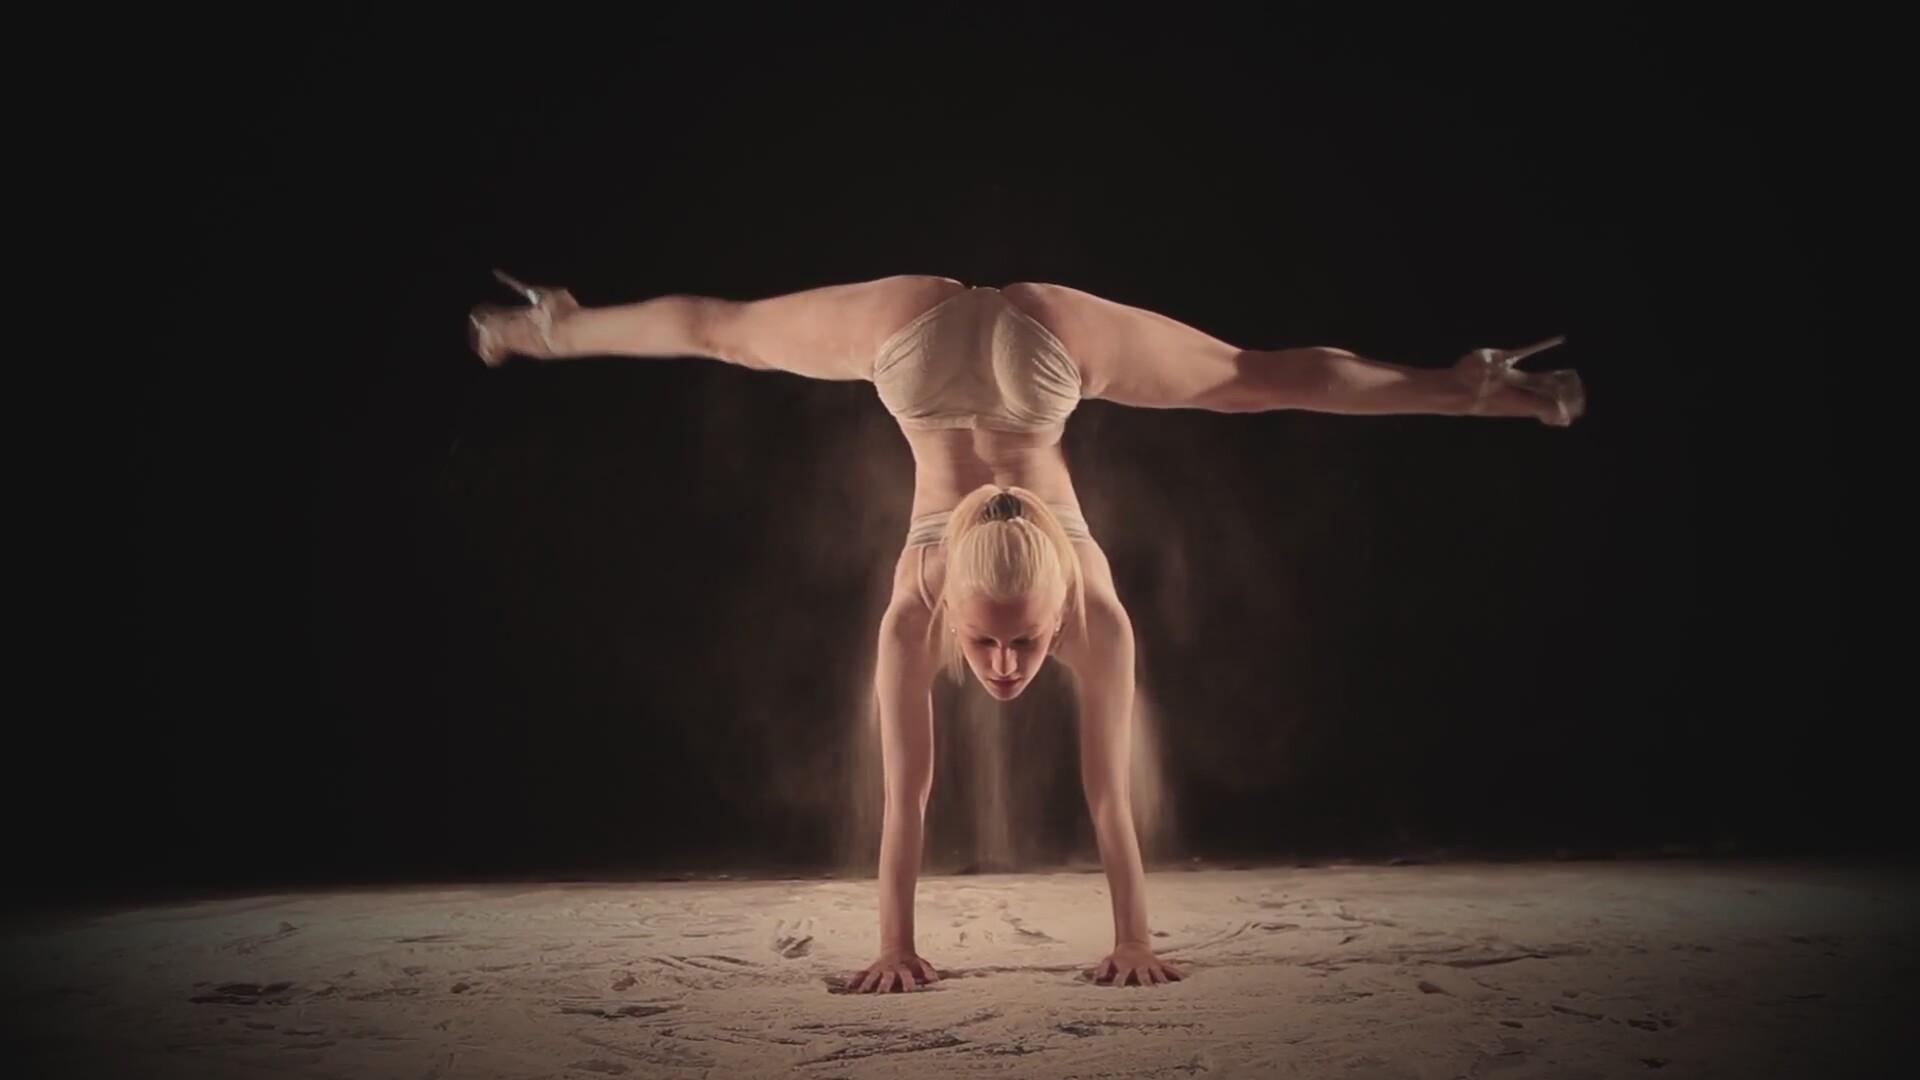 Сексуальные девочки танцуют стриптиз 16 фотография